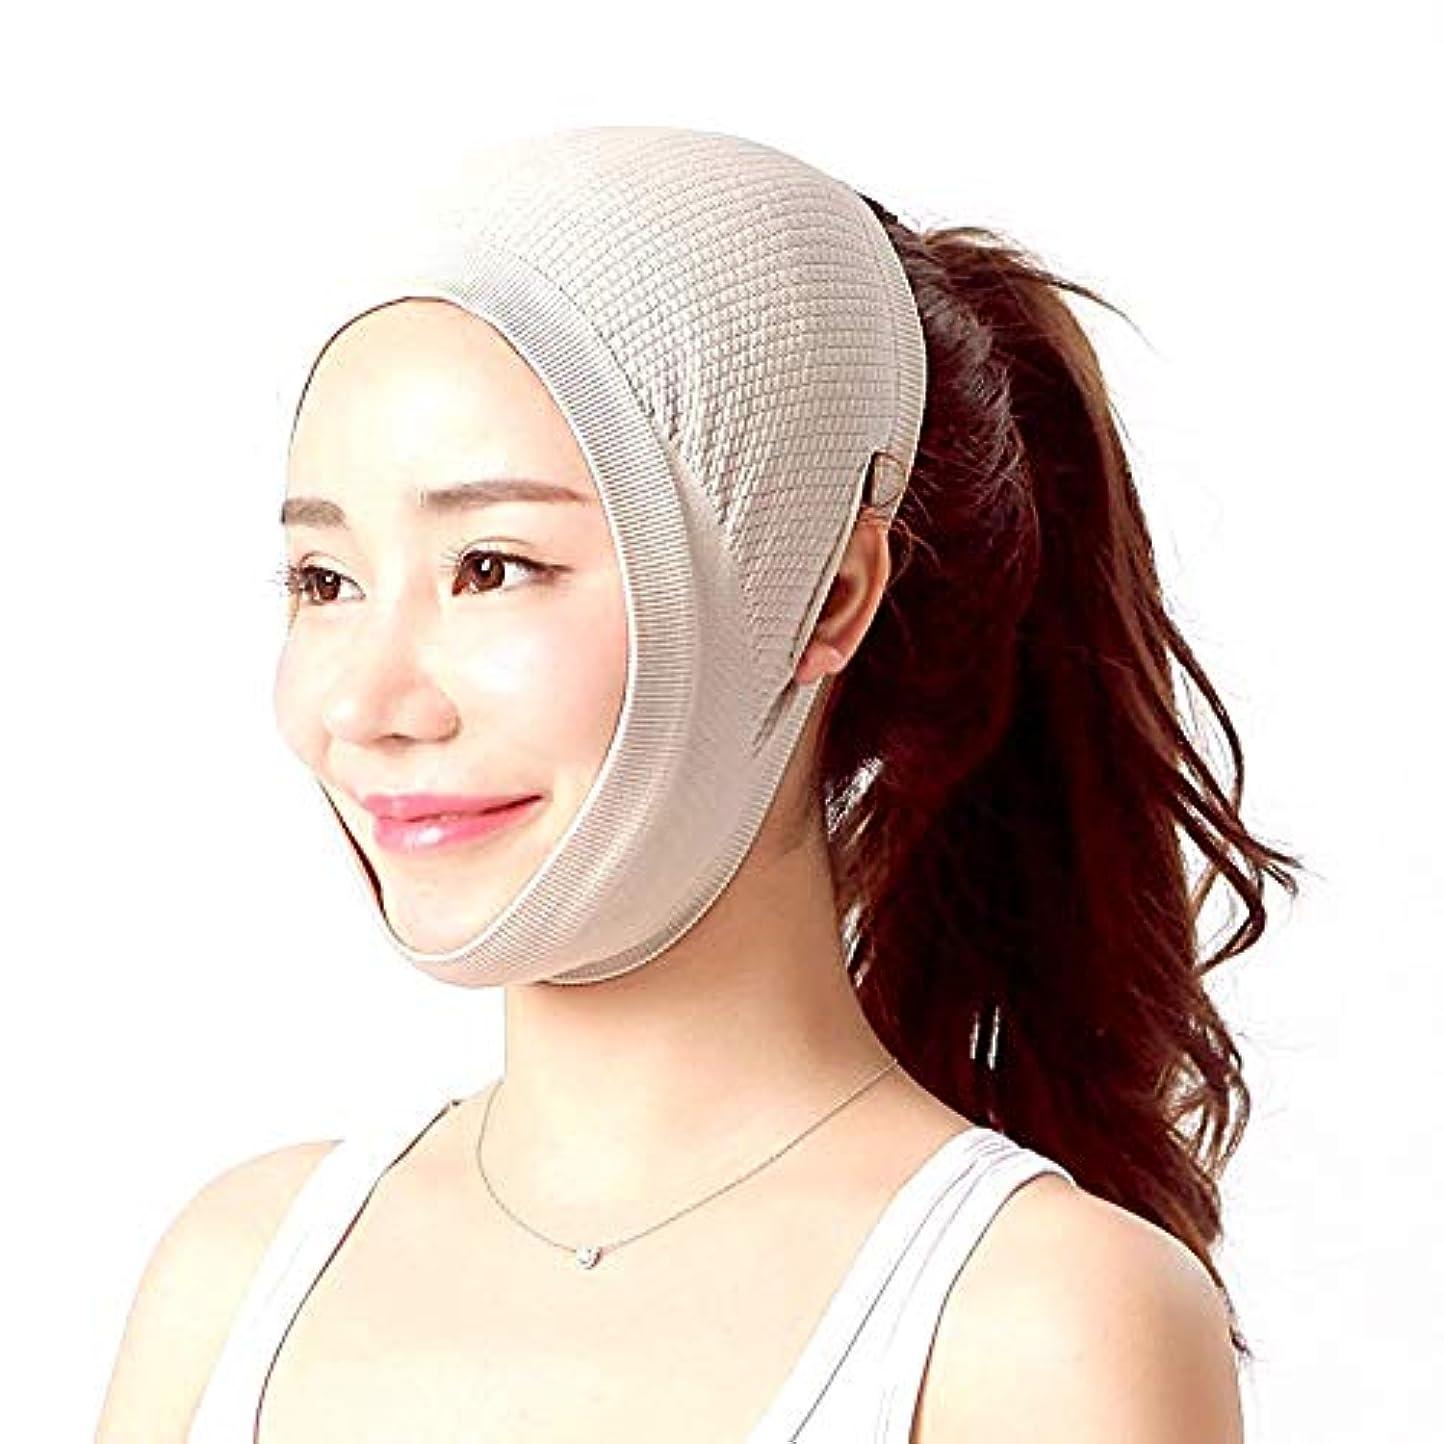 時計放映野球Jia Jia- フェイスリフティングアーティファクト包帯ライン術後回復包帯リフティングフェイスフードVフェイス包帯リフティングVフェイス美容マスク - 肌のトーン 顔面包帯